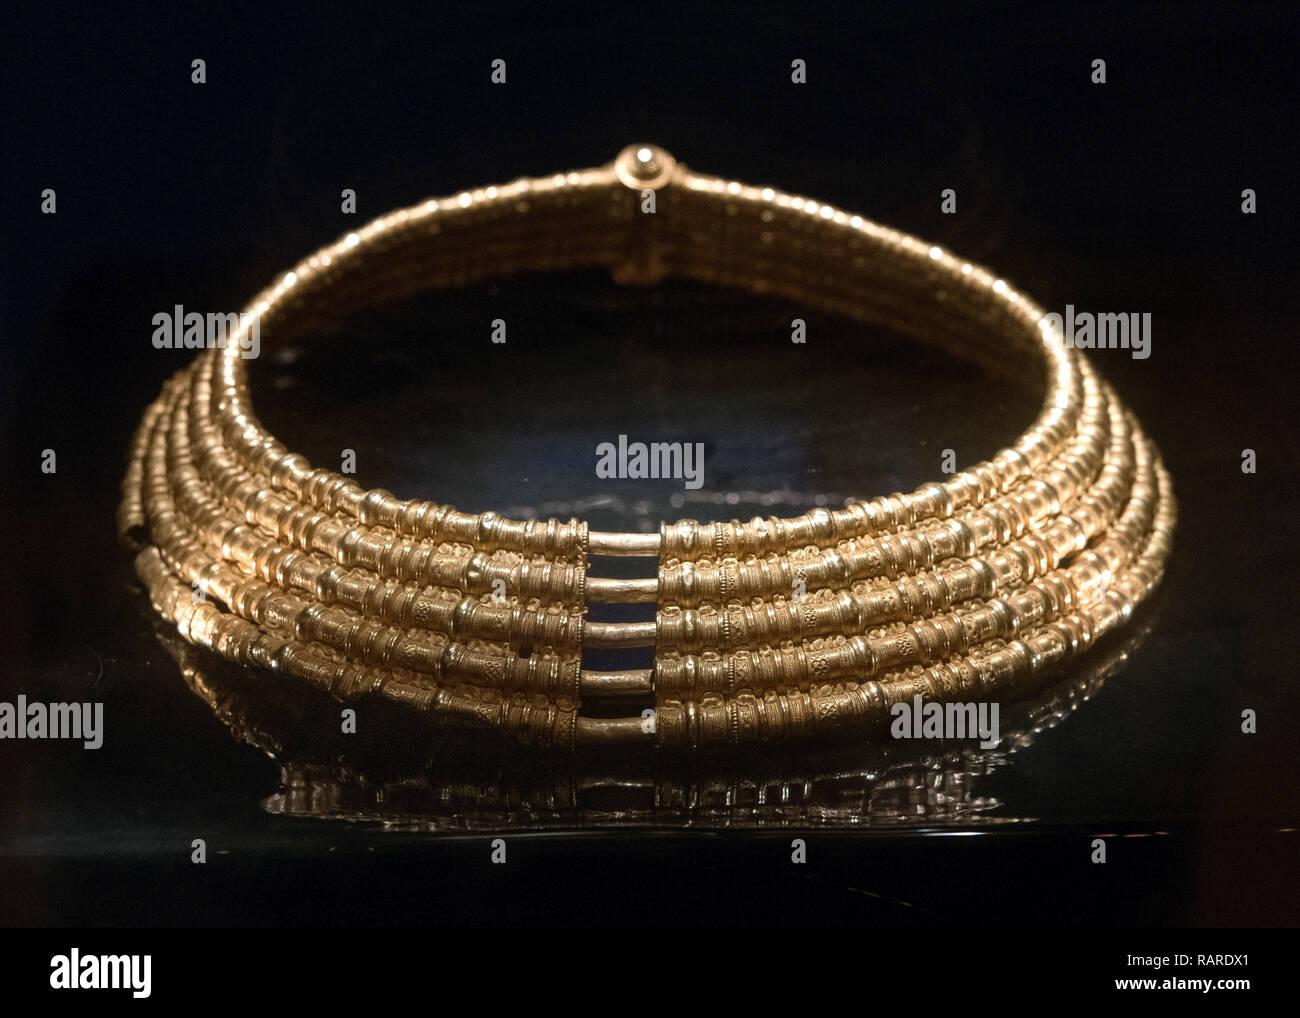 5ème ou 6ème siècle AD (400 à 550) collier d'or de Färjestaden (Öland), Musée de l'histoire suédoise (Historiska museet), Stockholm, Suède Photo Stock